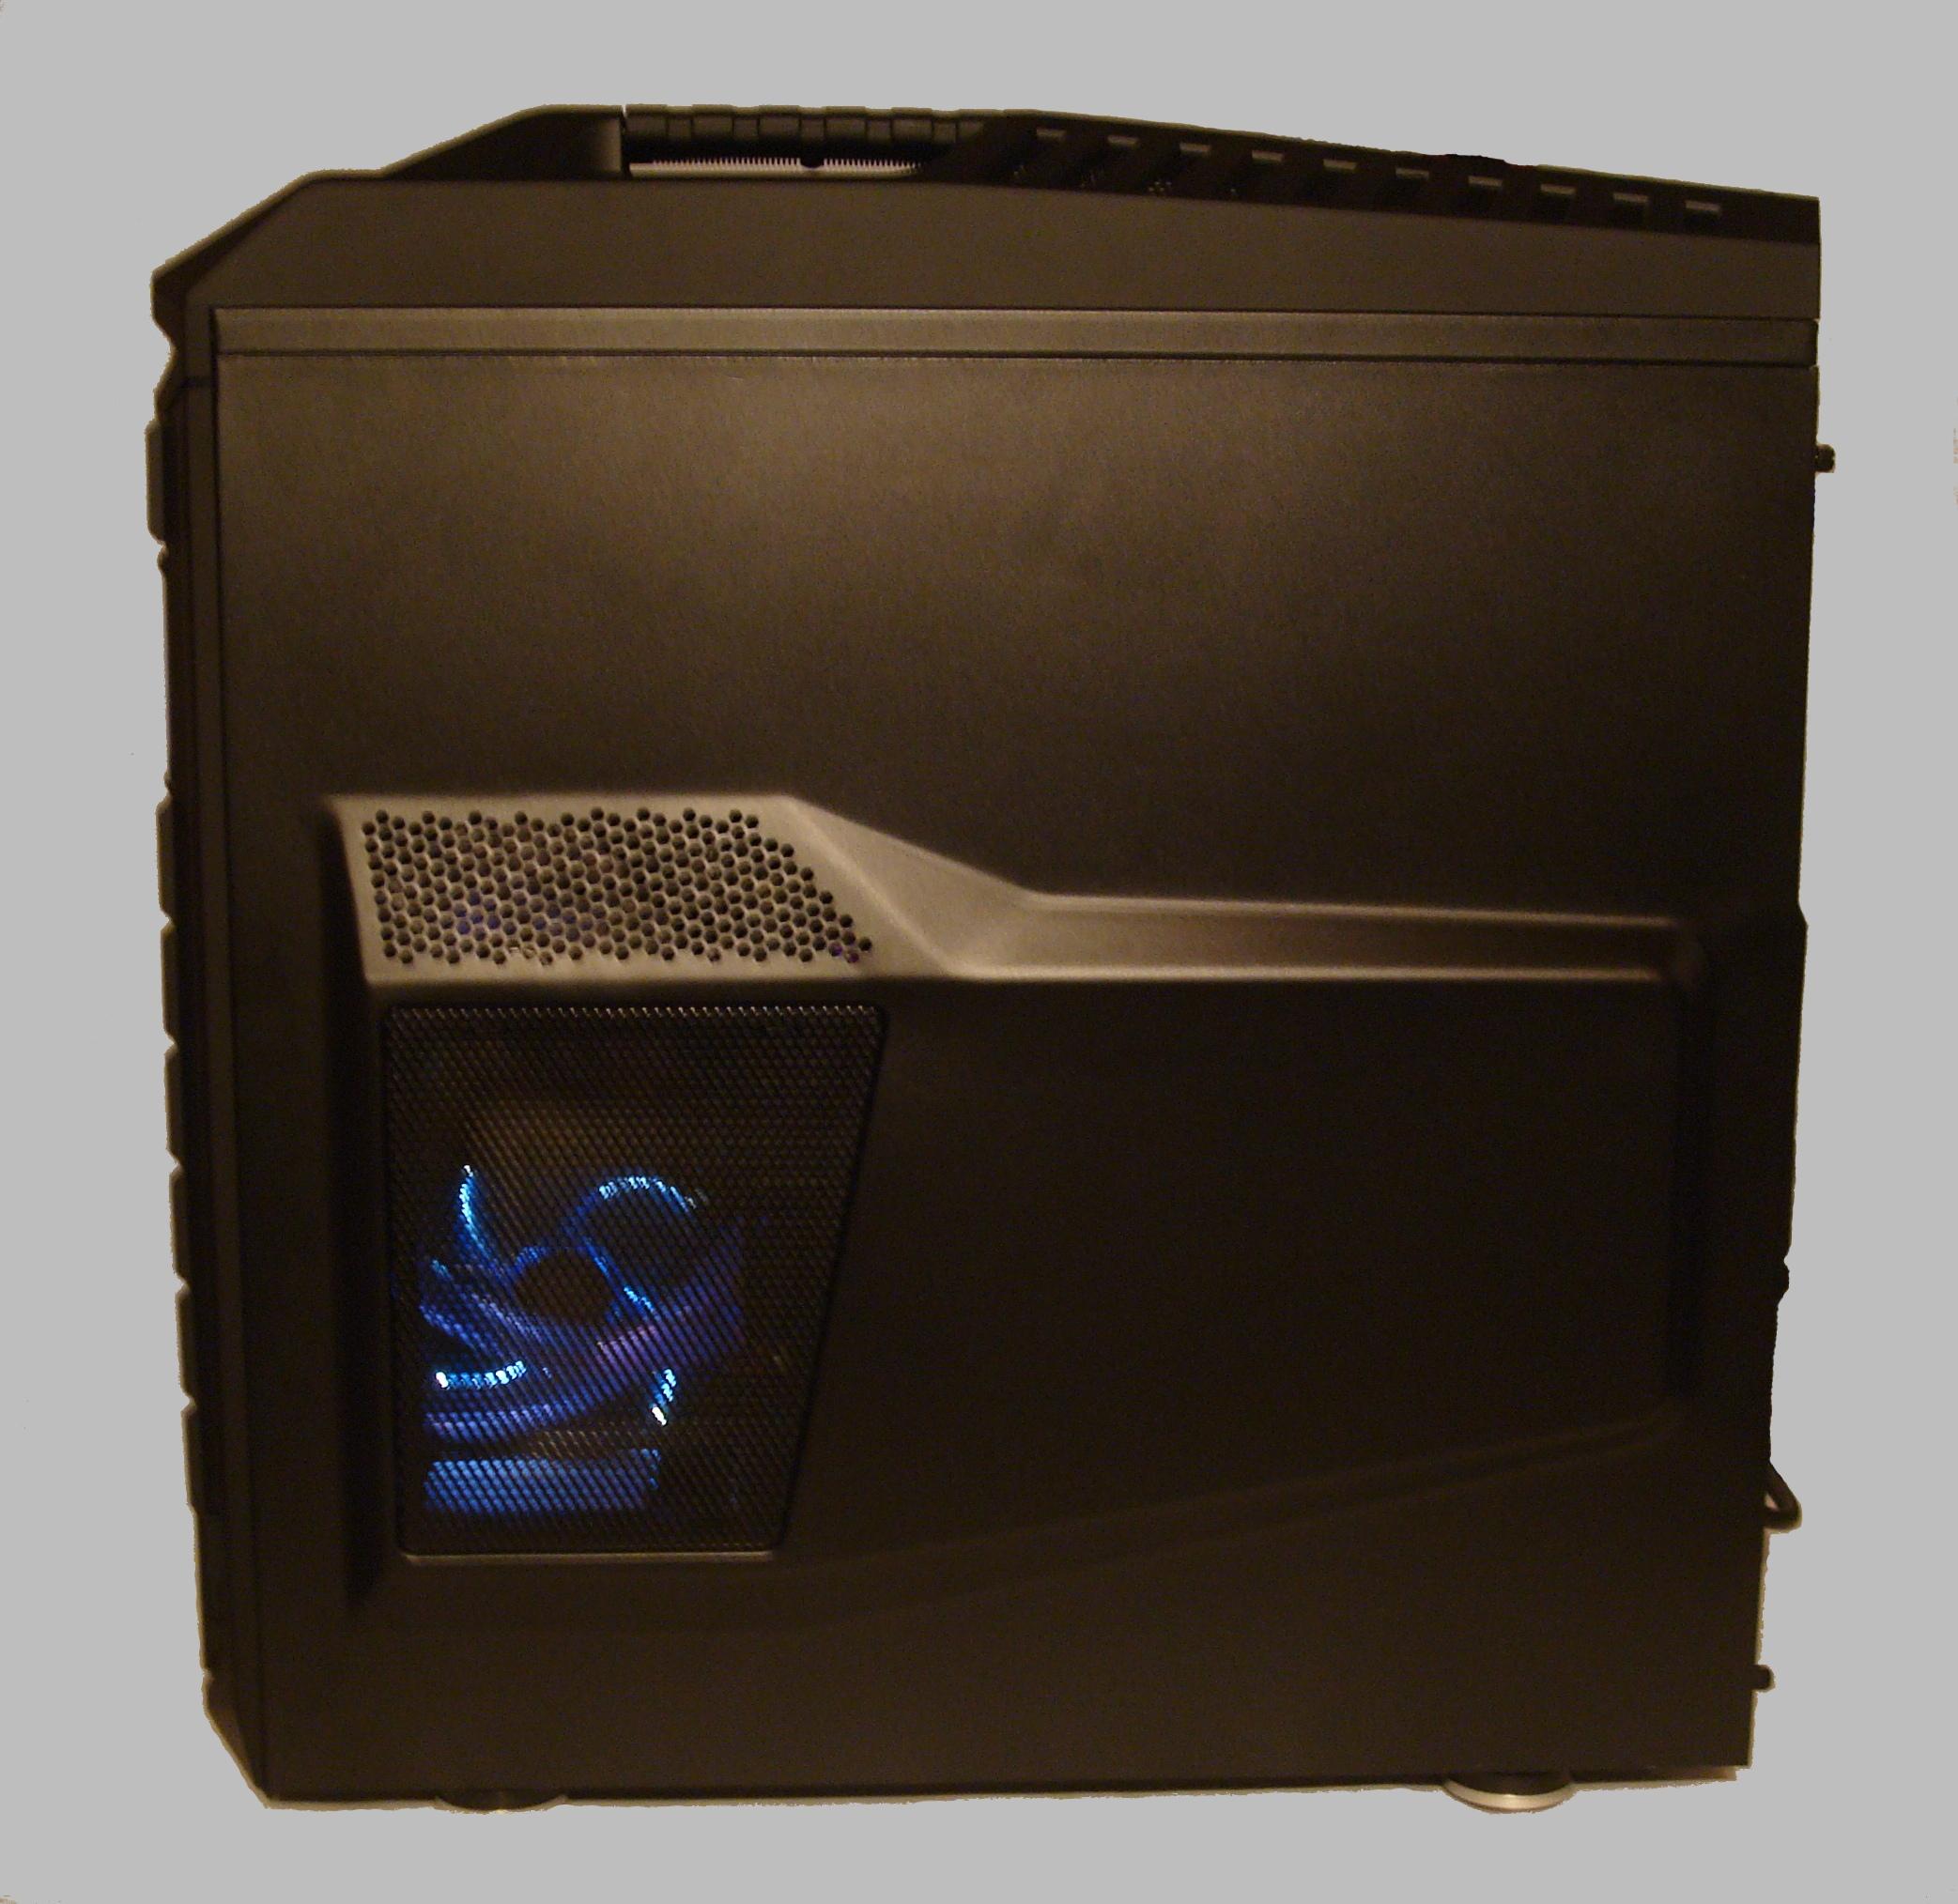 Cooler Master Storm Trooper Case with Lights